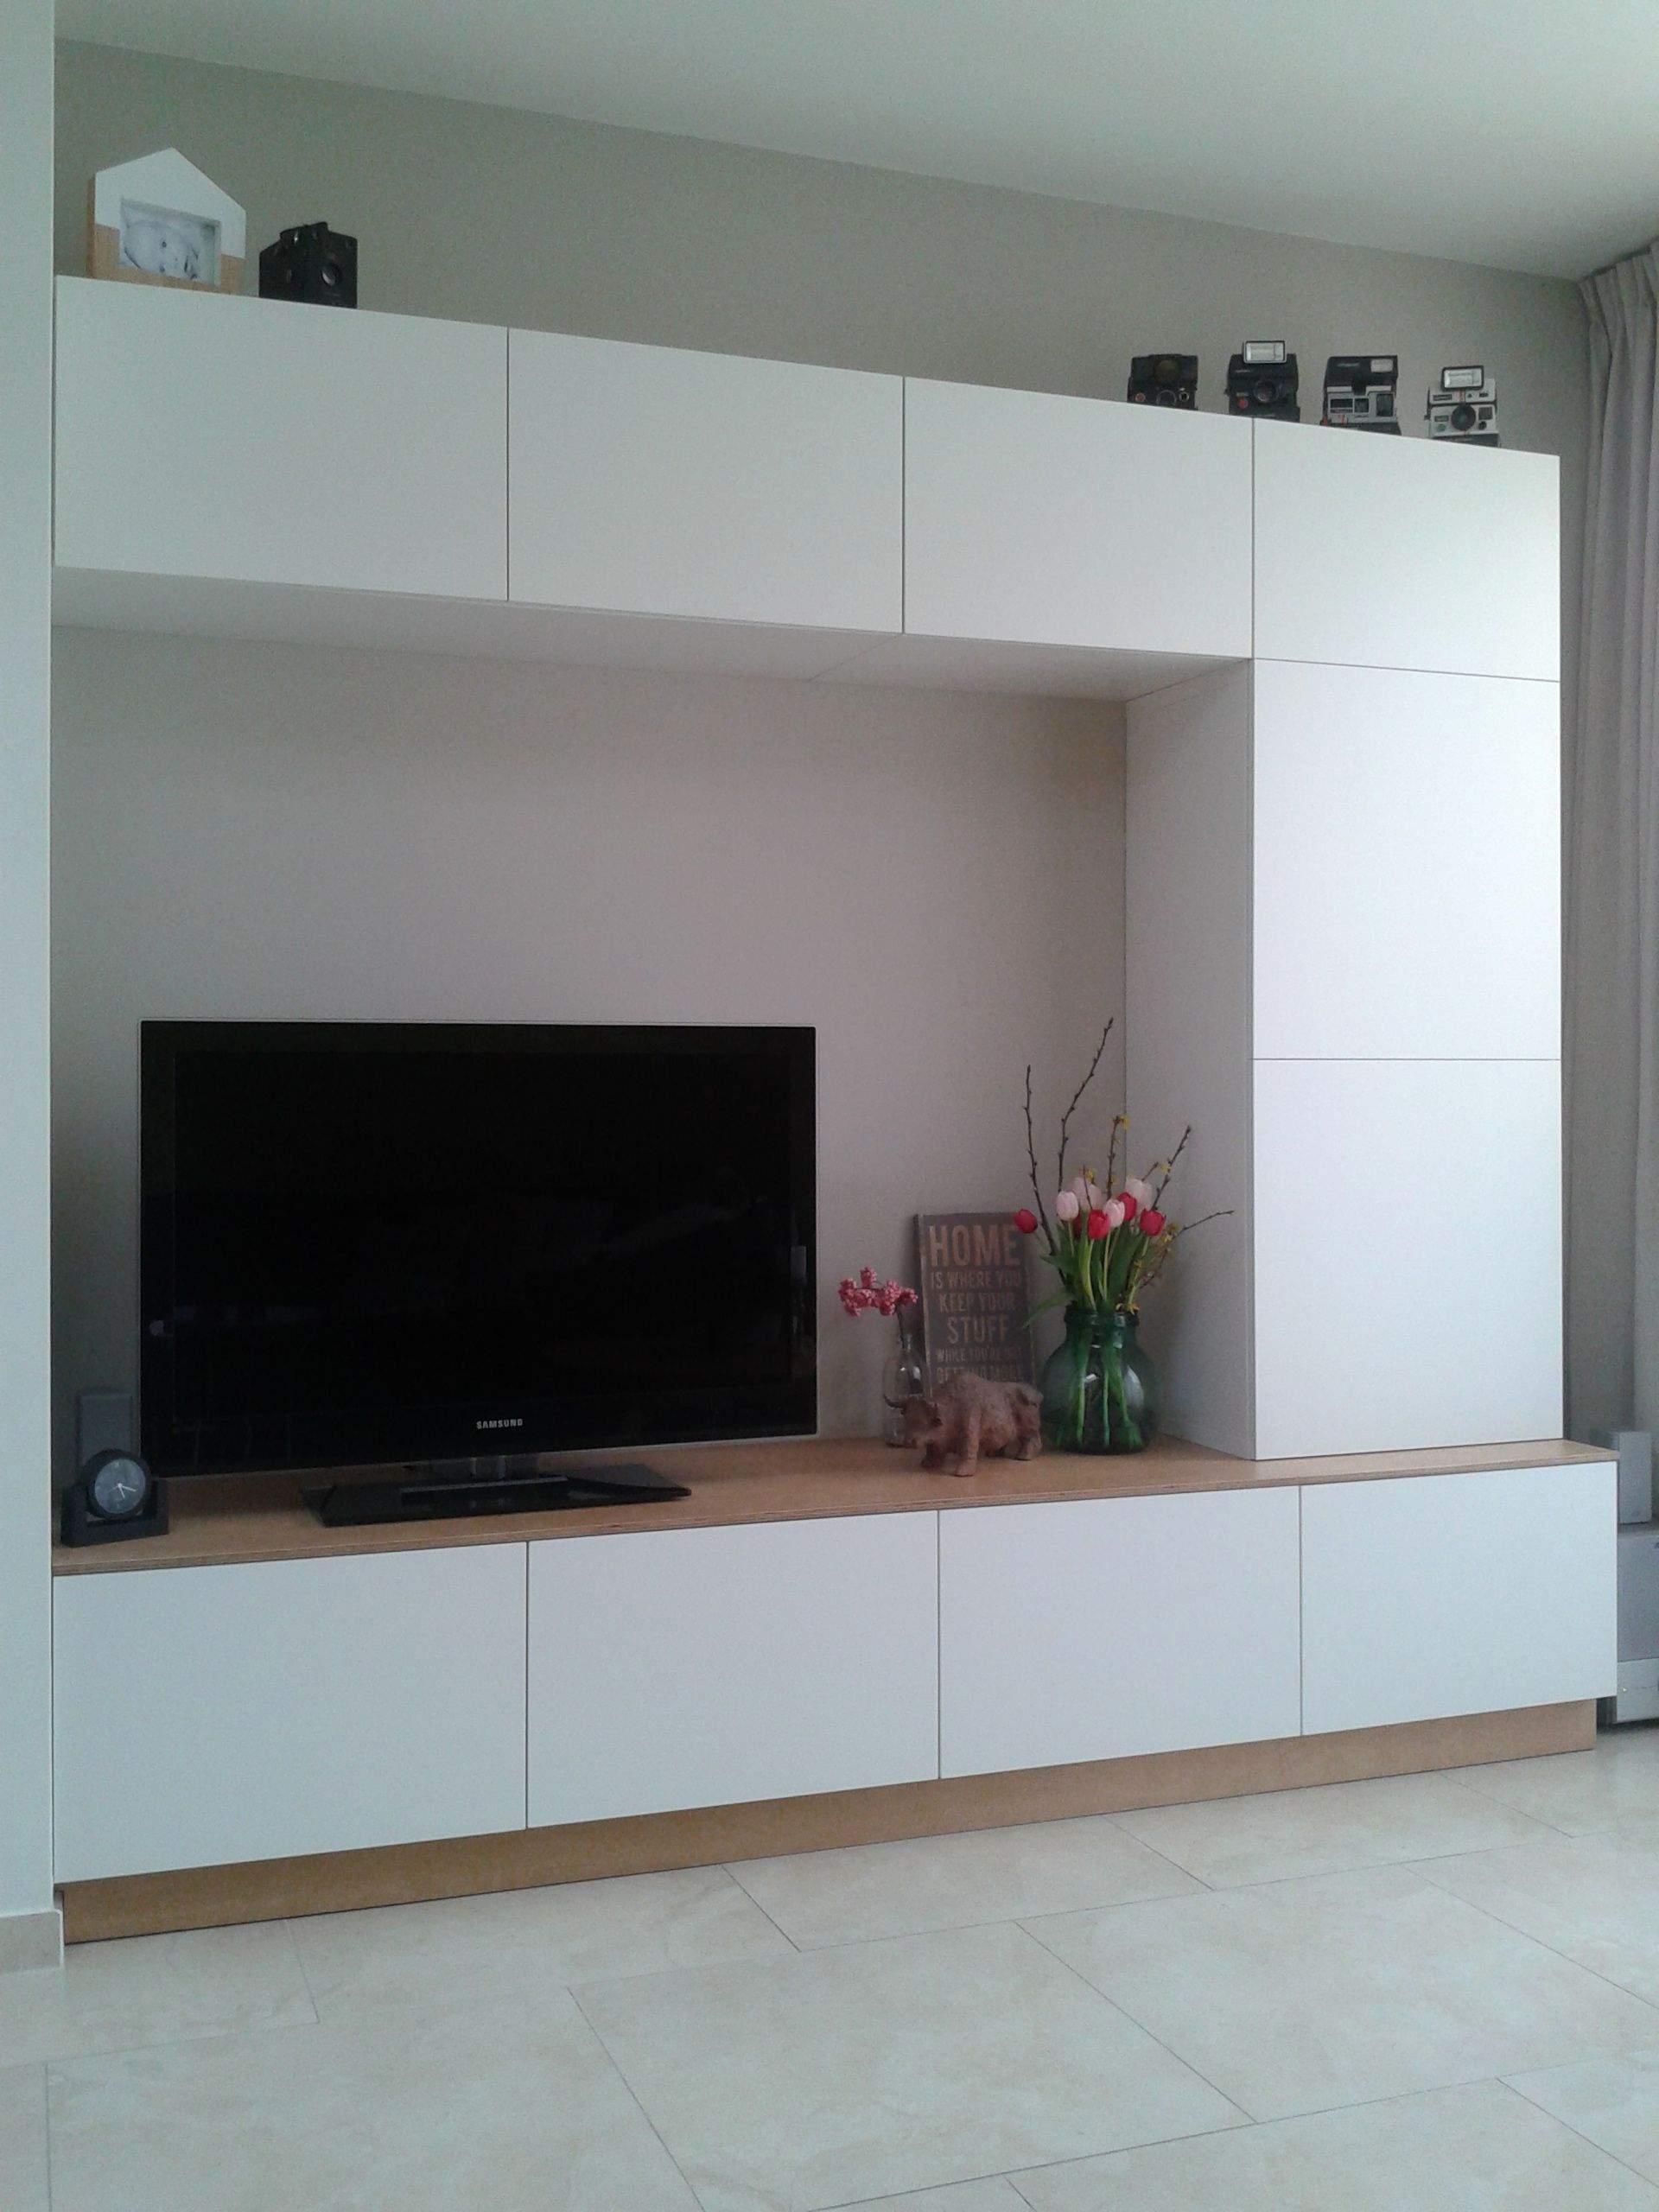 Full Size of Wohnwand Ikea Besta Wohnzimmer Luxus Hervorragend Küche Kaufen Miniküche Betten Bei 160x200 Kosten Sofa Mit Schlaffunktion Modulküche Wohnzimmer Wohnwand Ikea